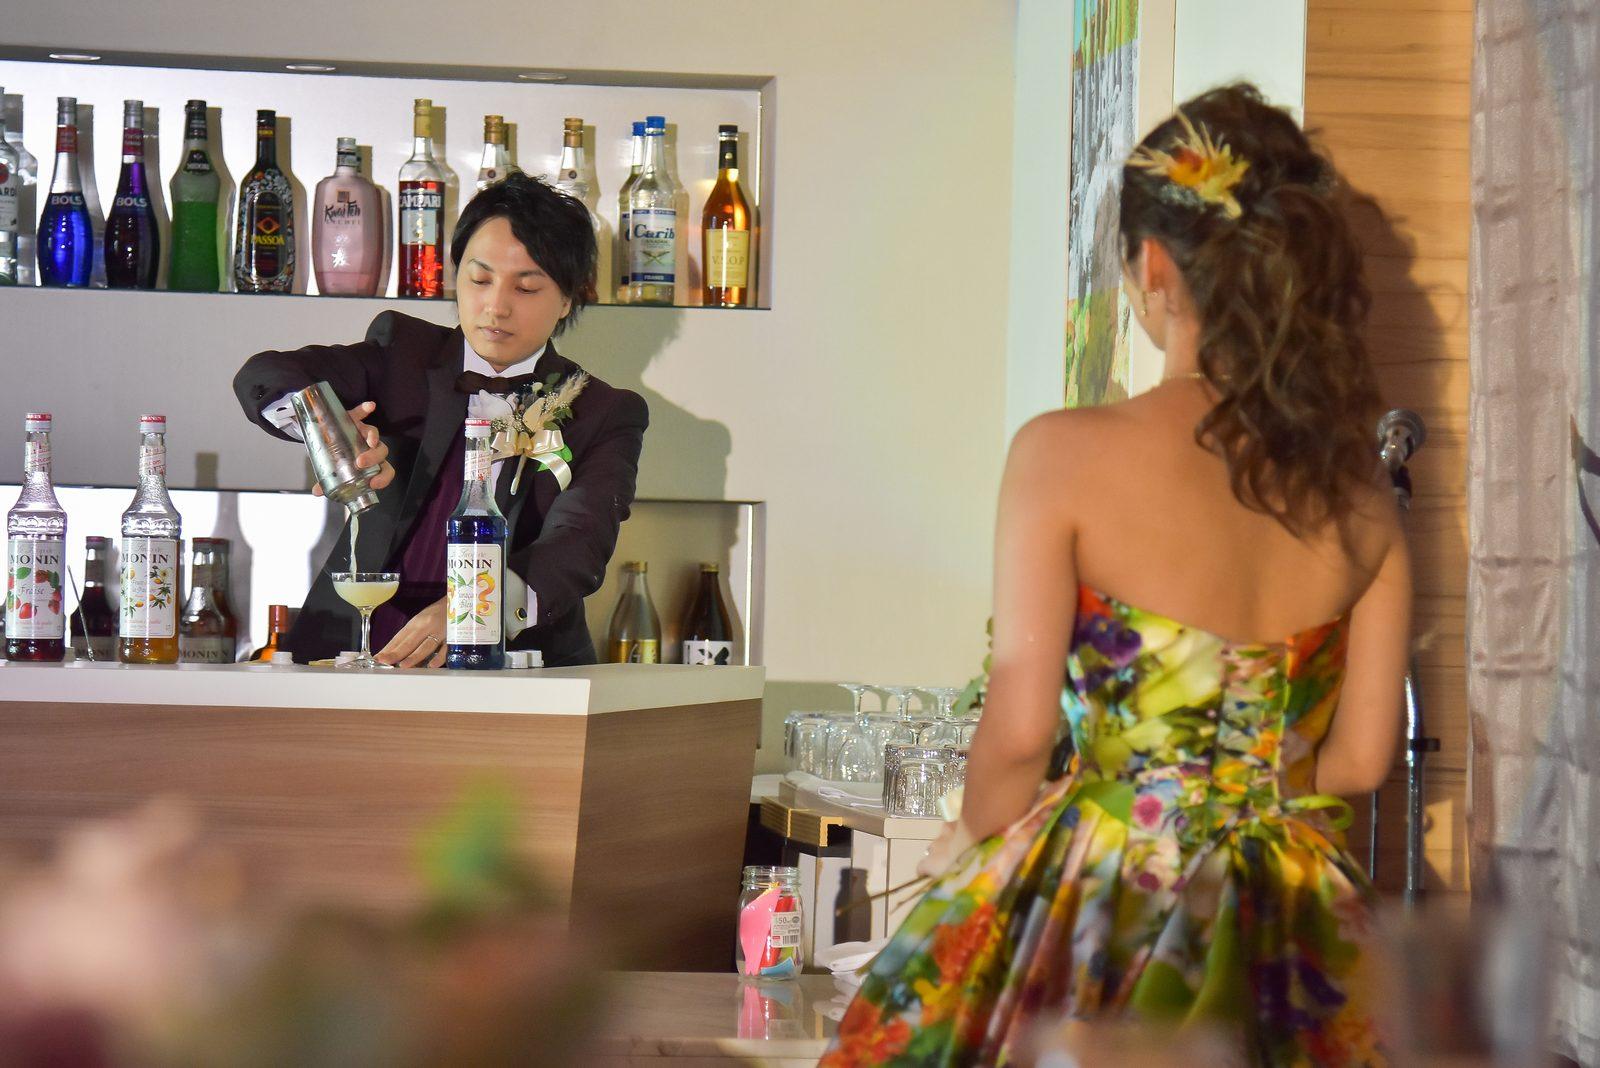 香川県の結婚式場シェルエメール&アイスタイルのカクテルパフォーマンス